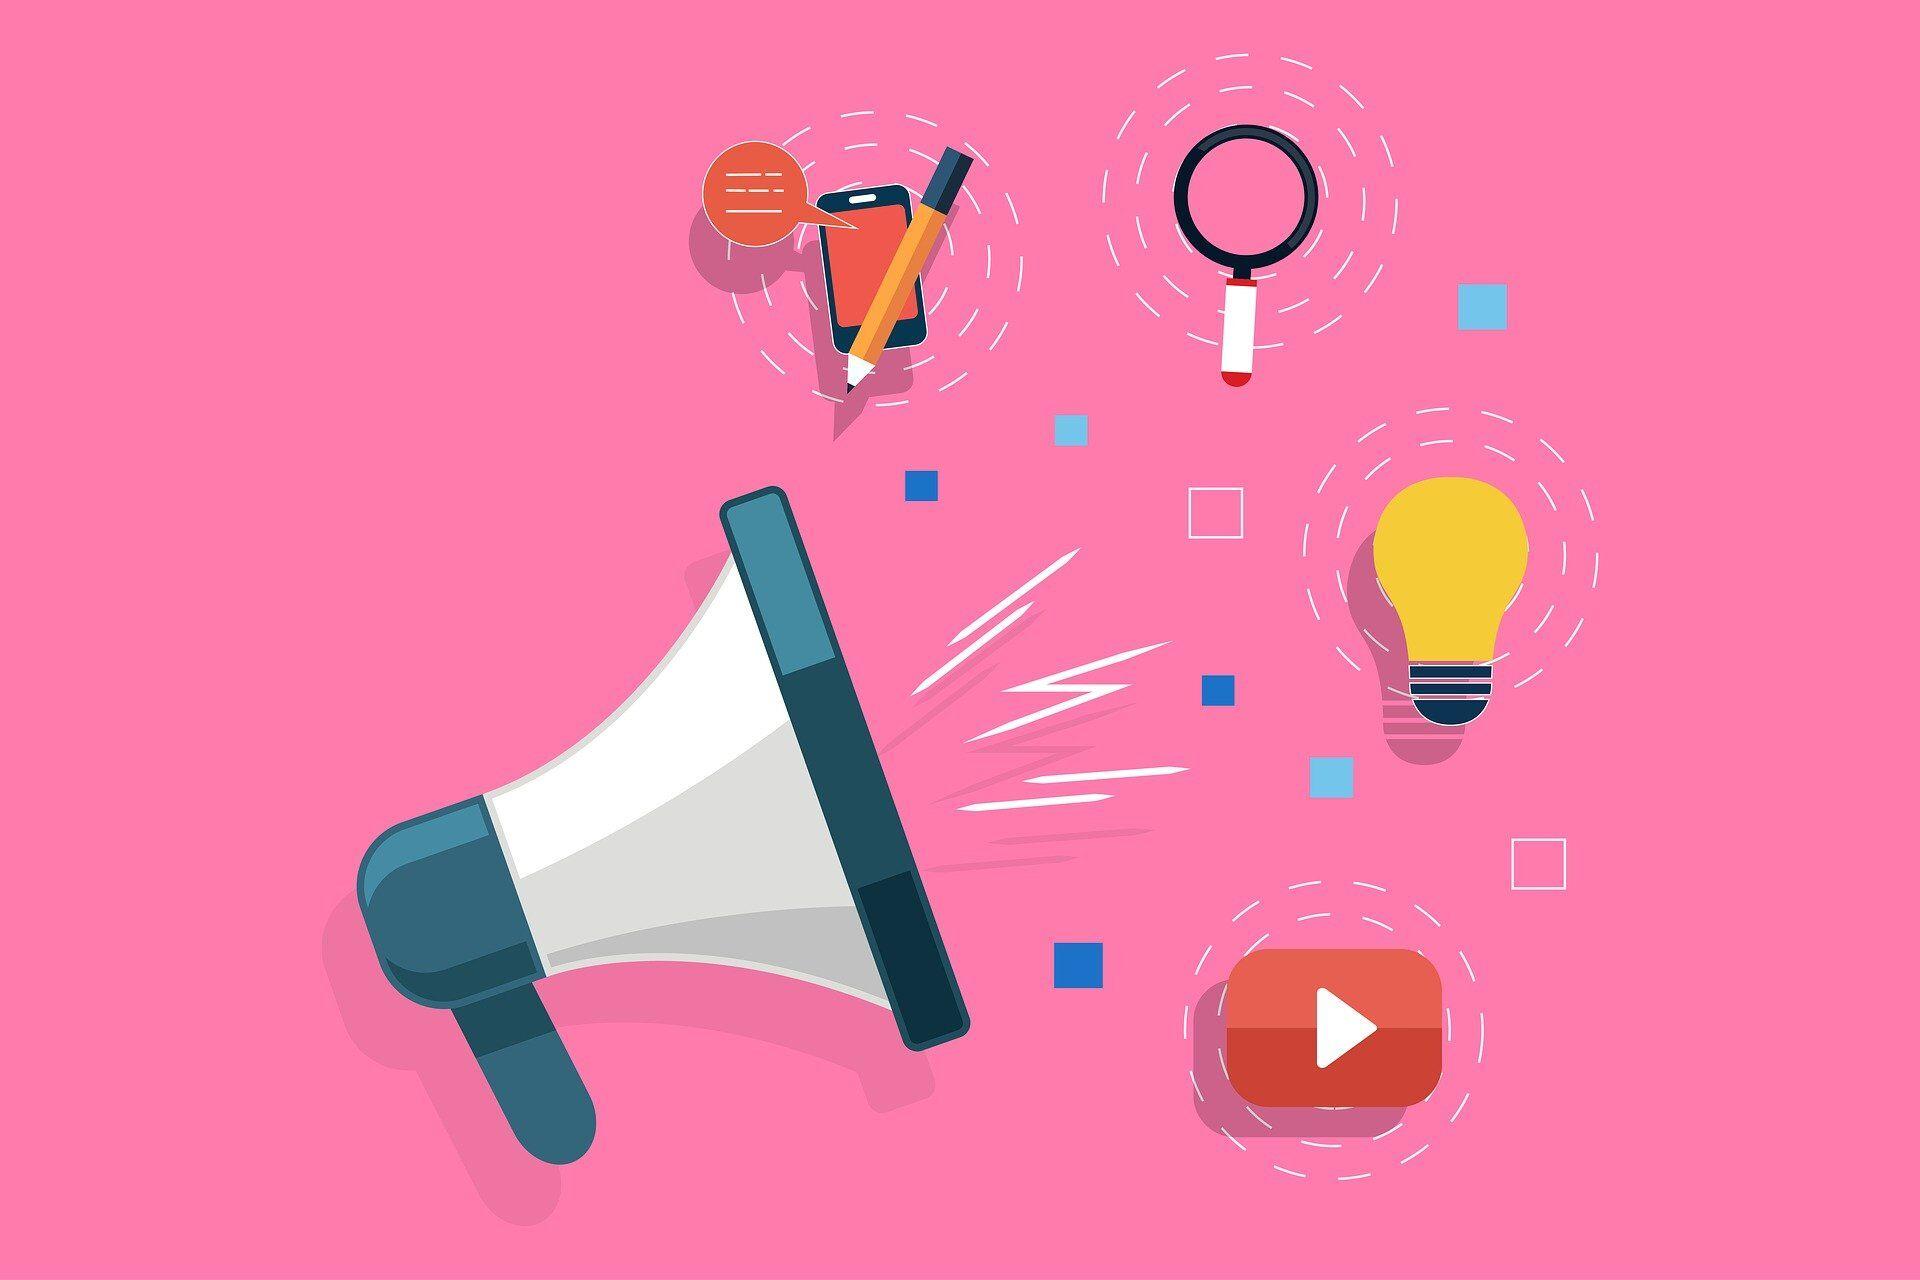 [마소캠퍼스] 코로나 19 기간 동안의 마케팅 전략